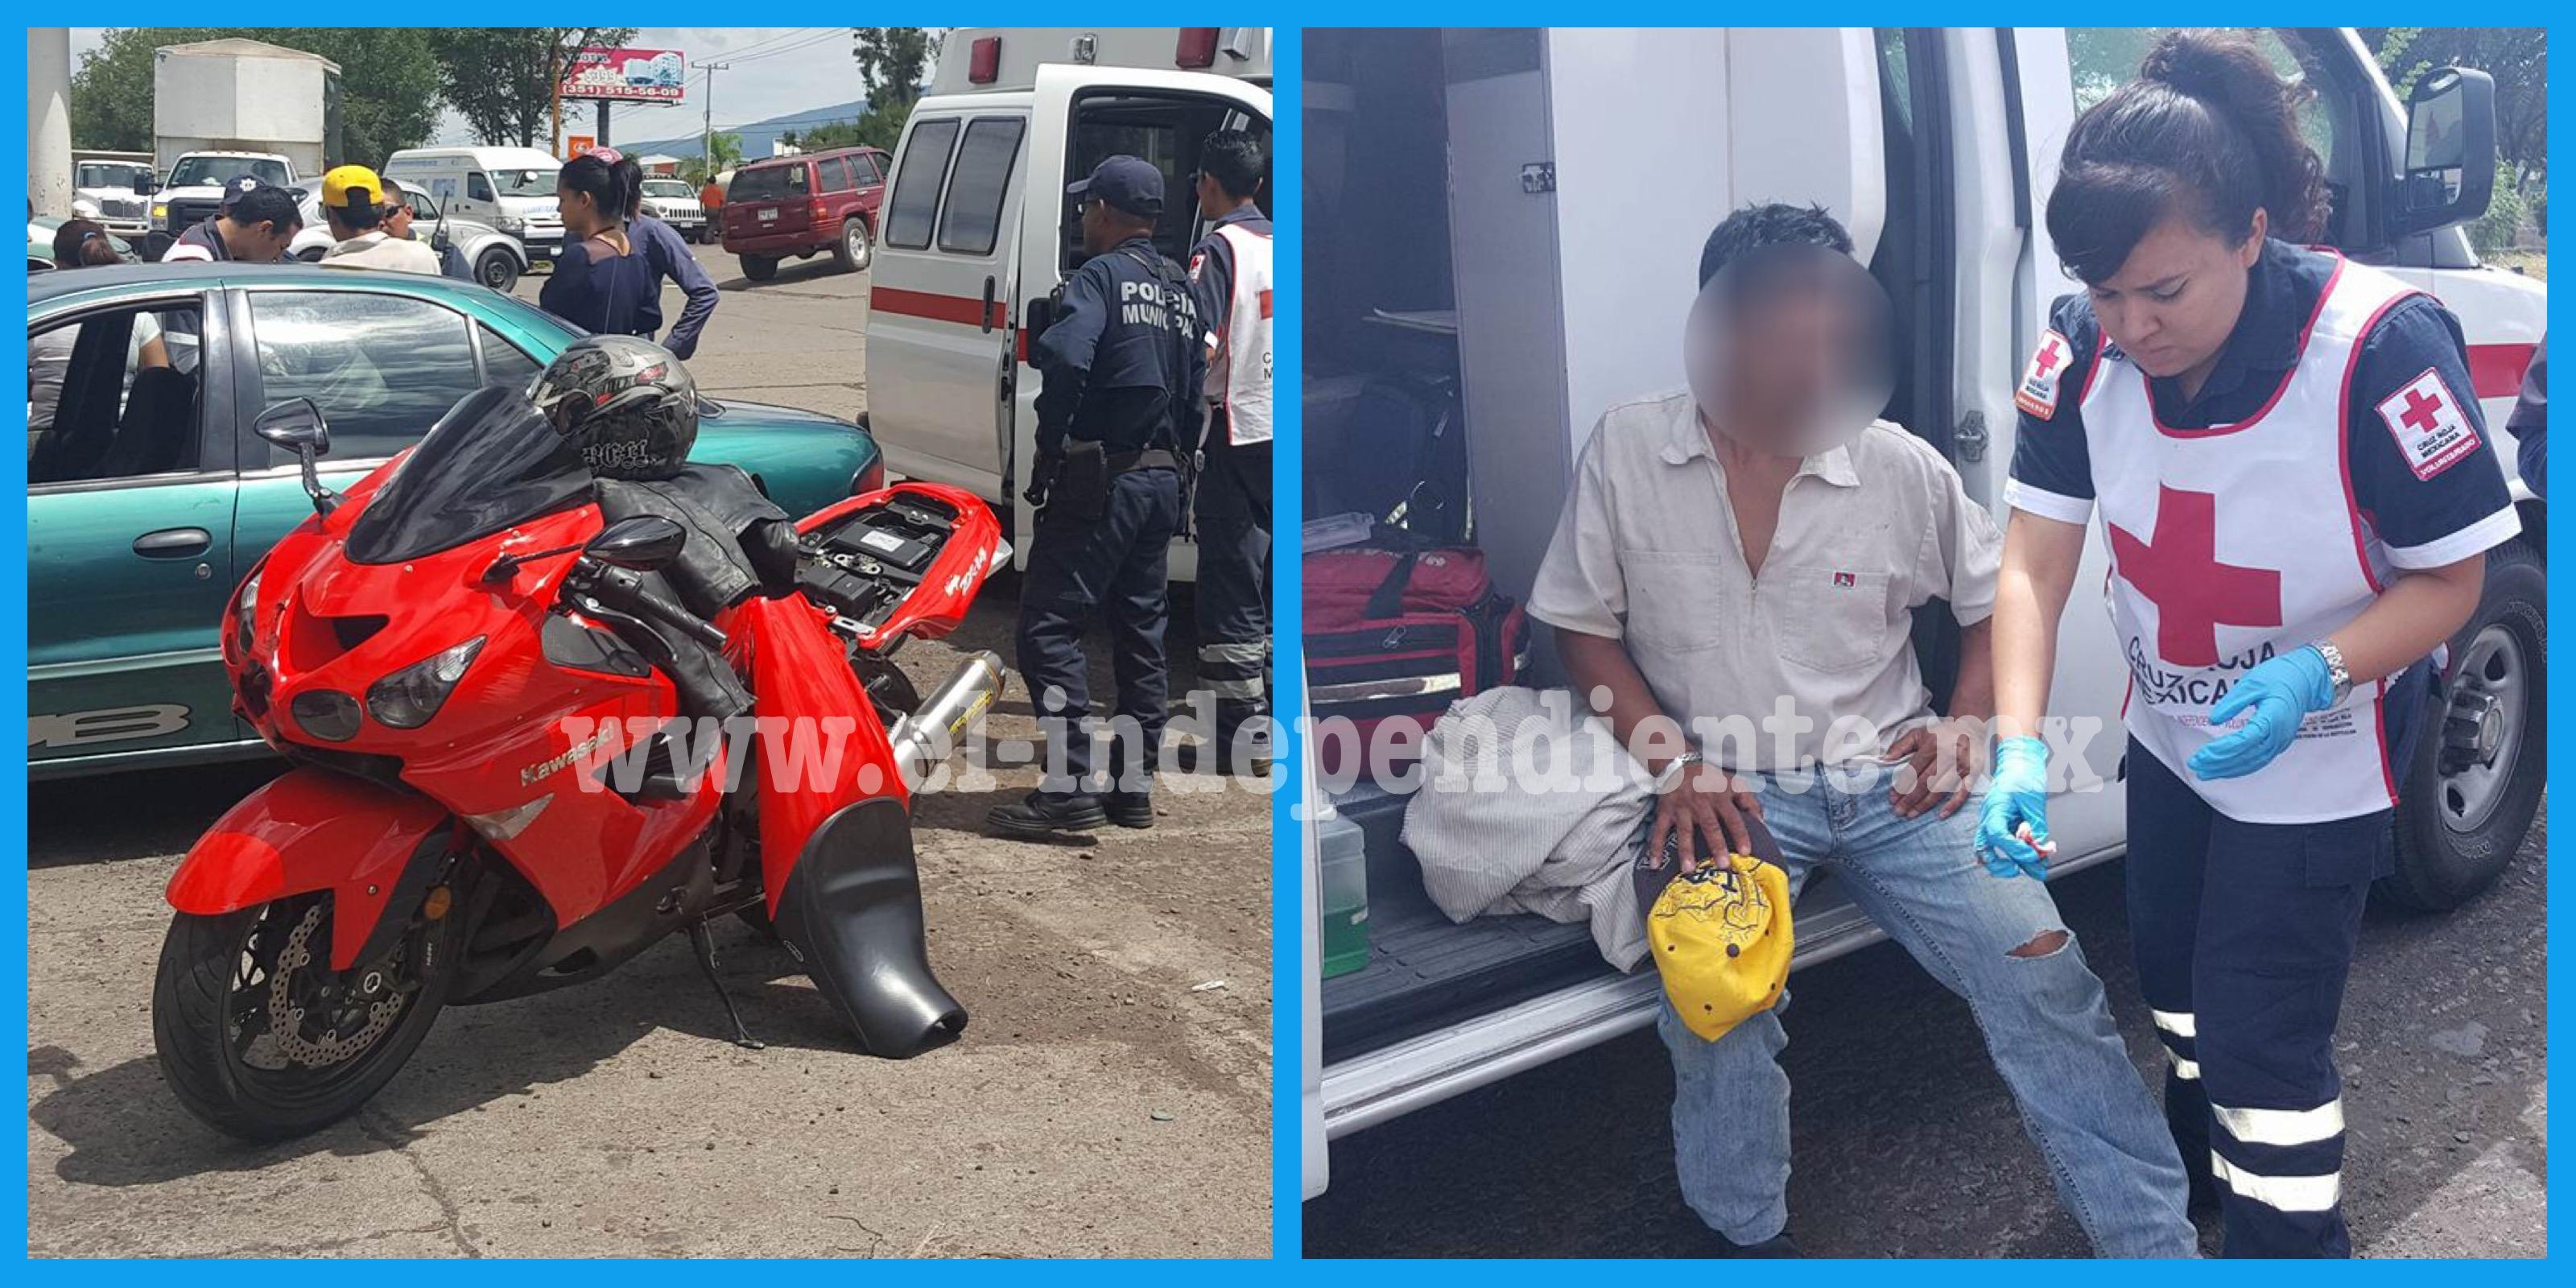 Ciclista es golpeado por motocicleta en Zamora